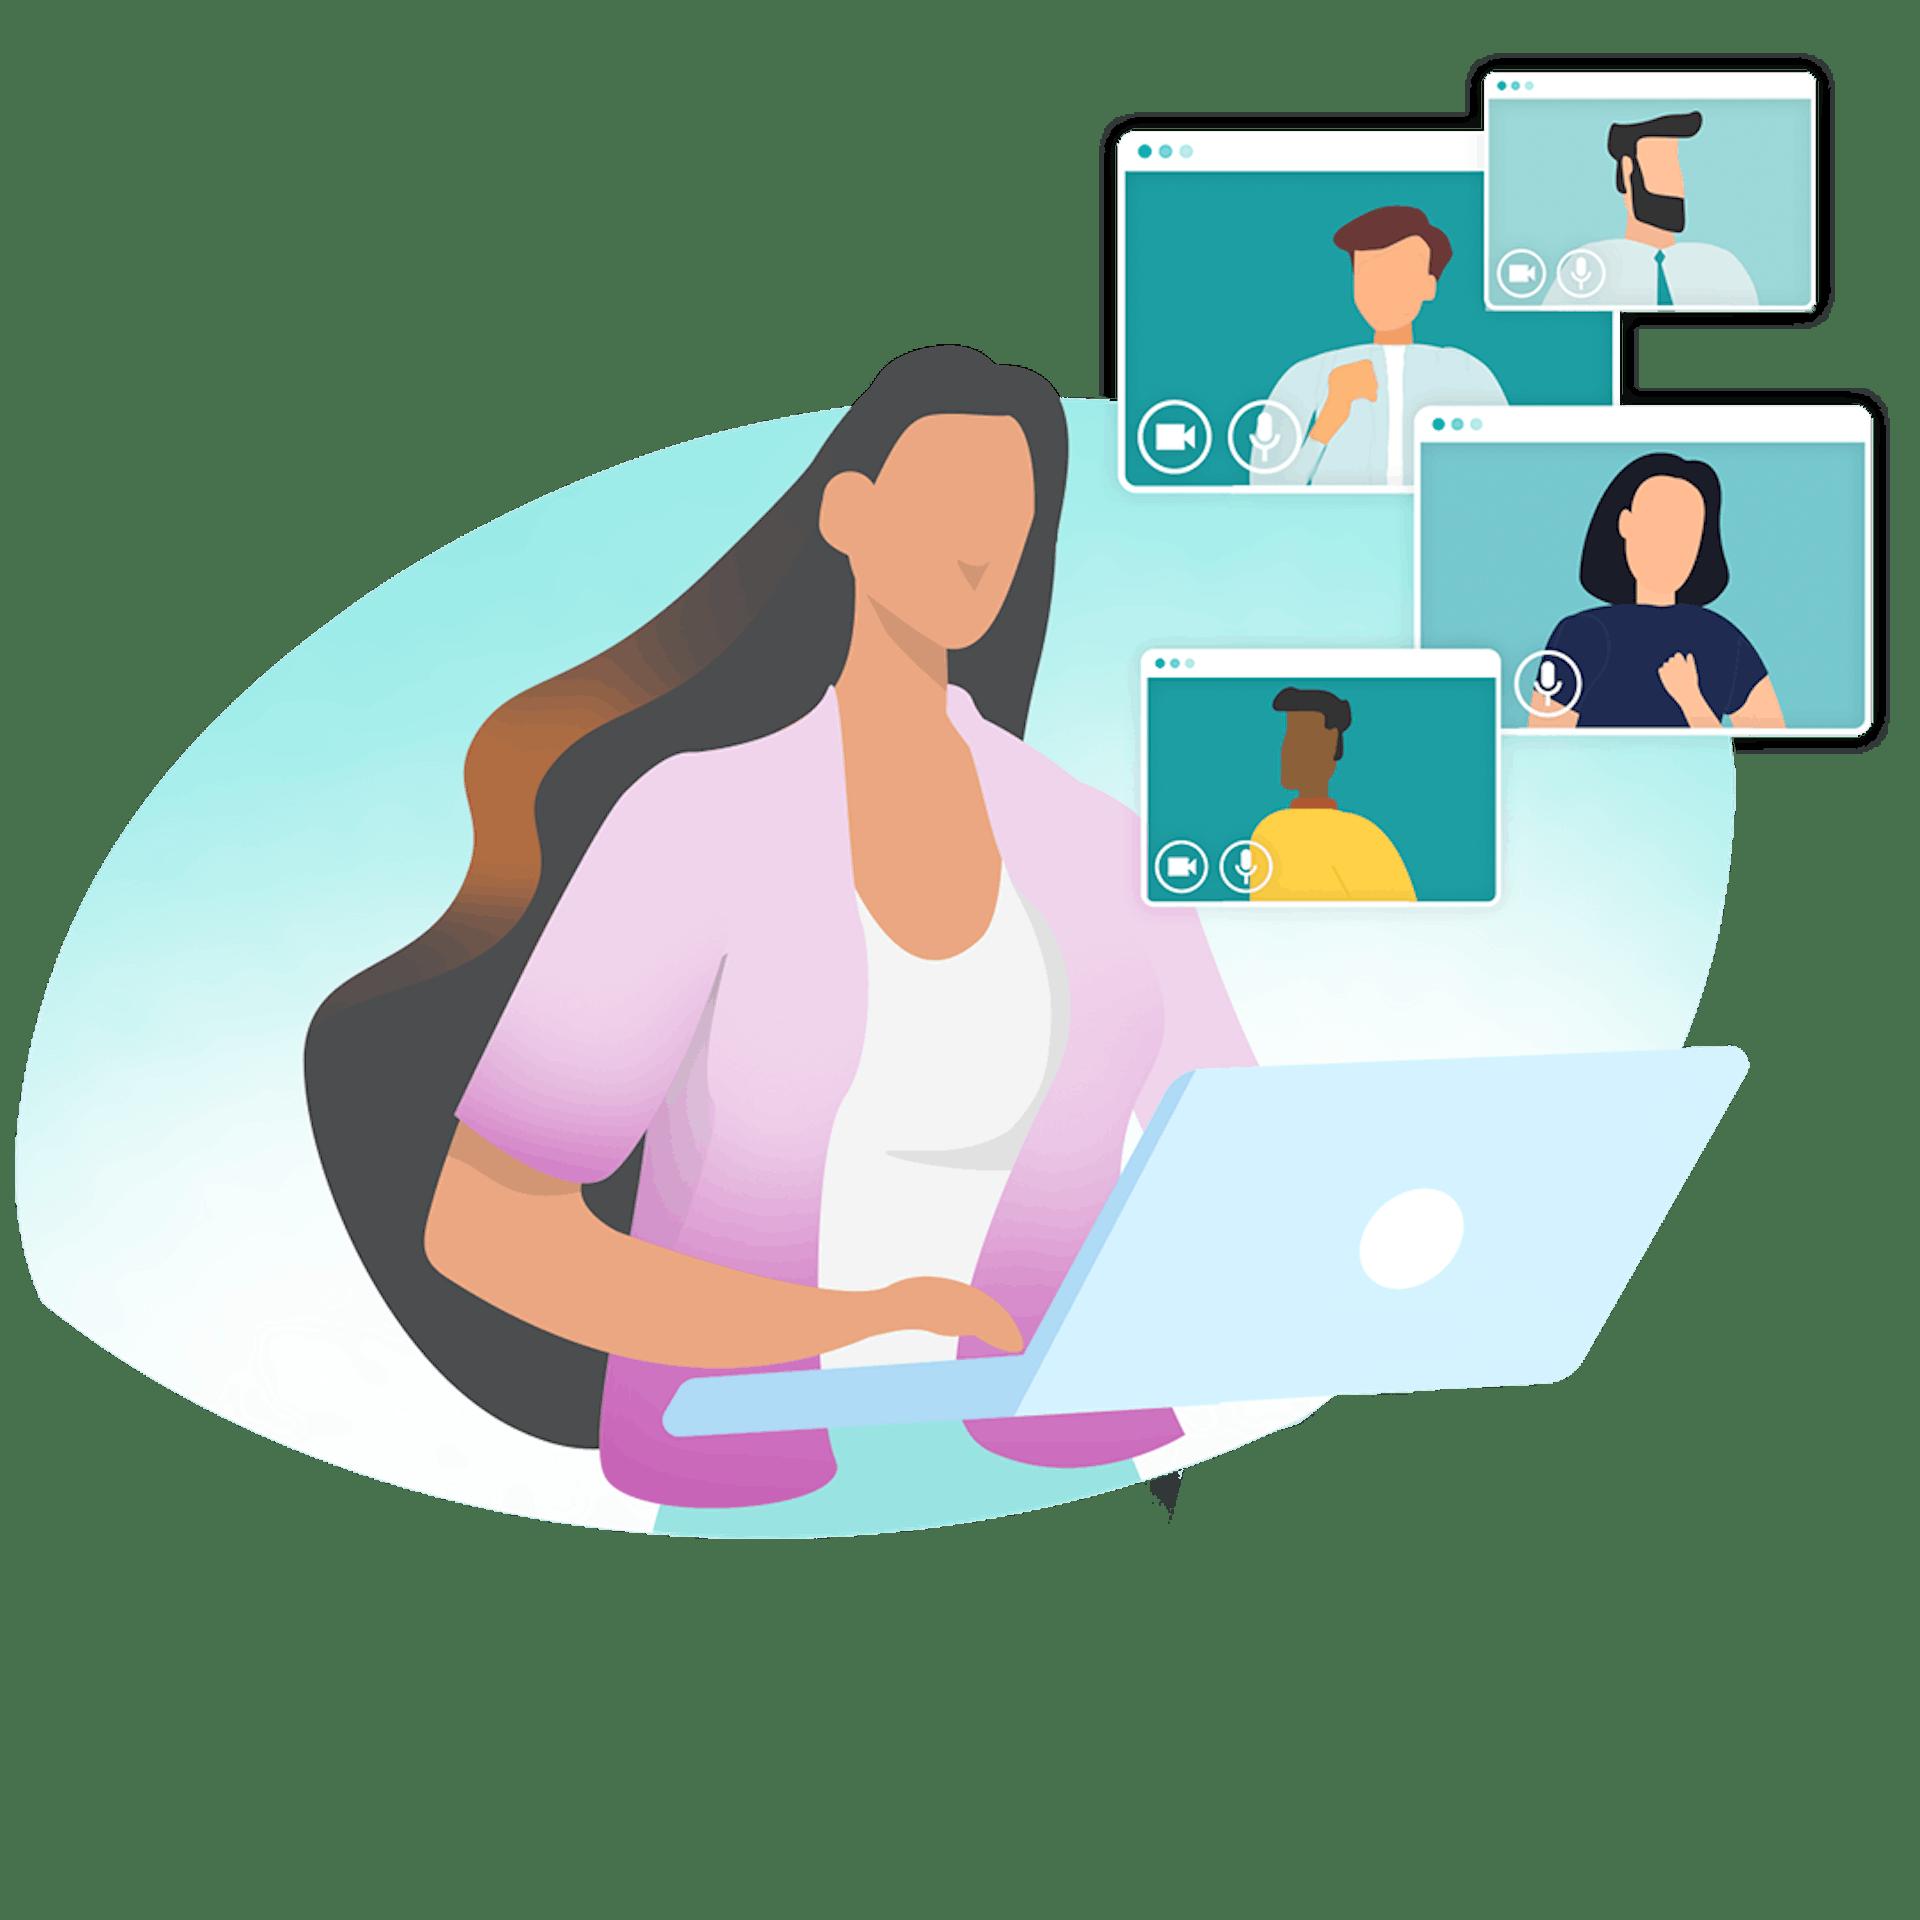 Illustration graphique d'une femme devant son ordinateur portable en train de passer des appels vidéo